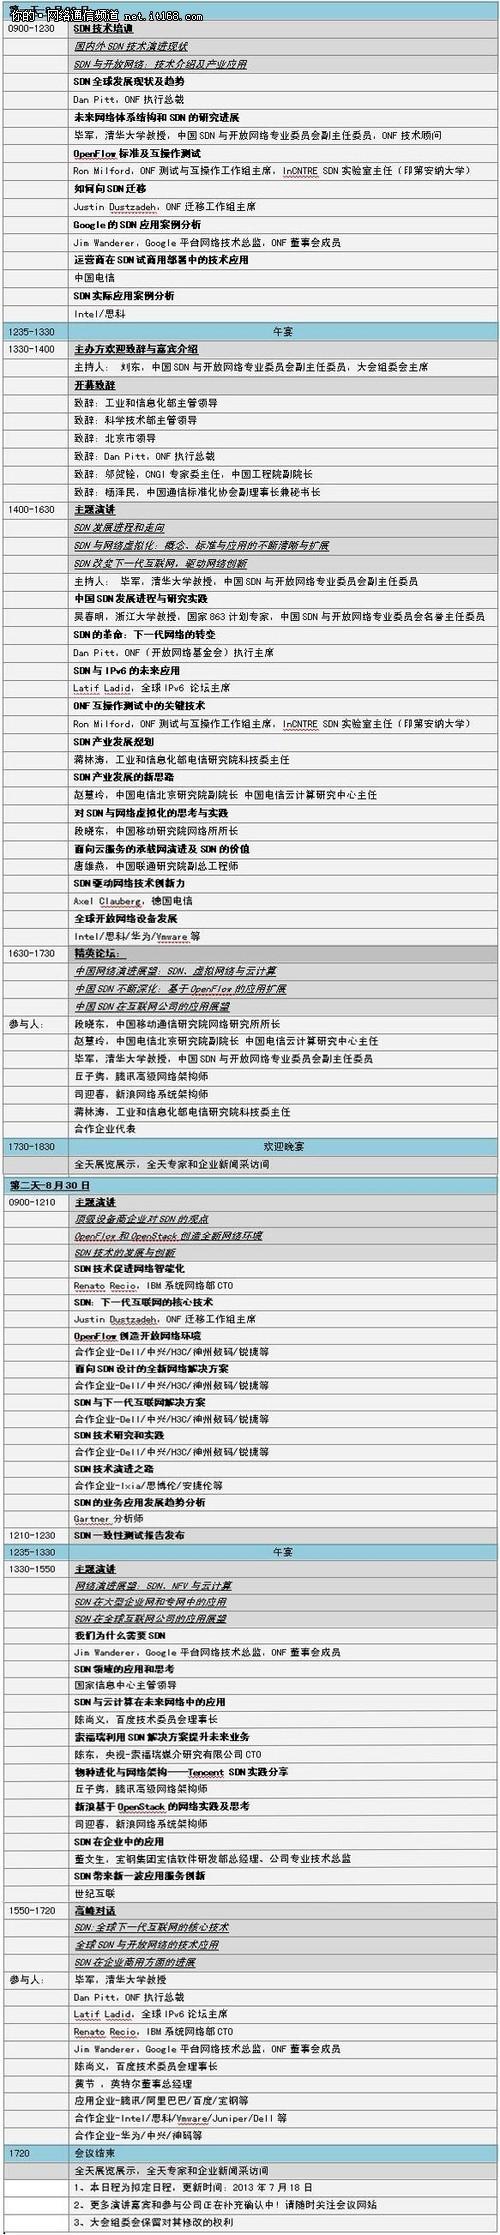 中国SDN峰会日程放出 内容精彩不容错过